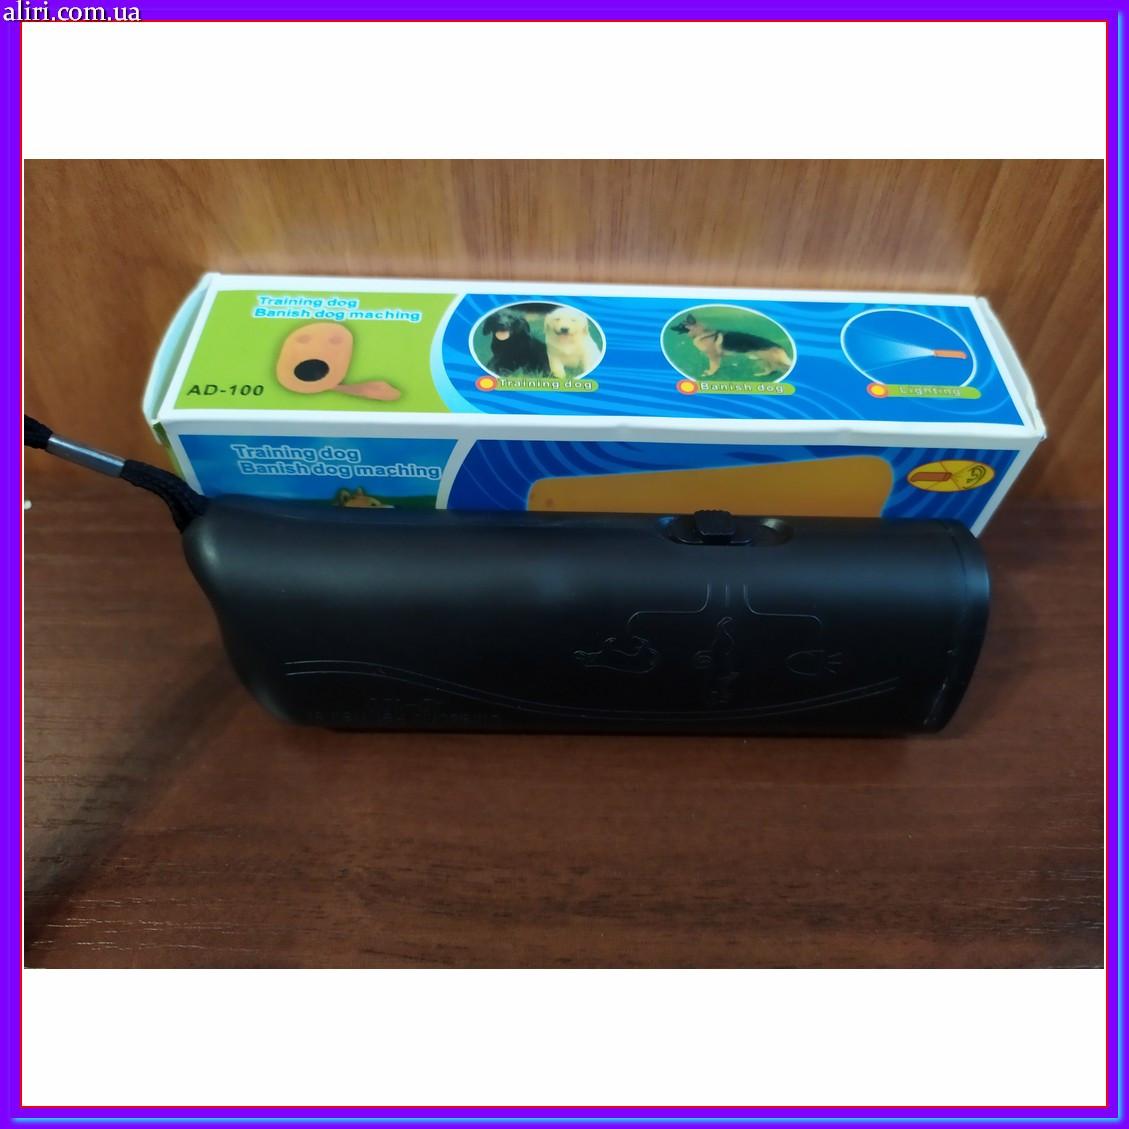 Ультразвуковой отпугиватель собак с фонариком АД-100